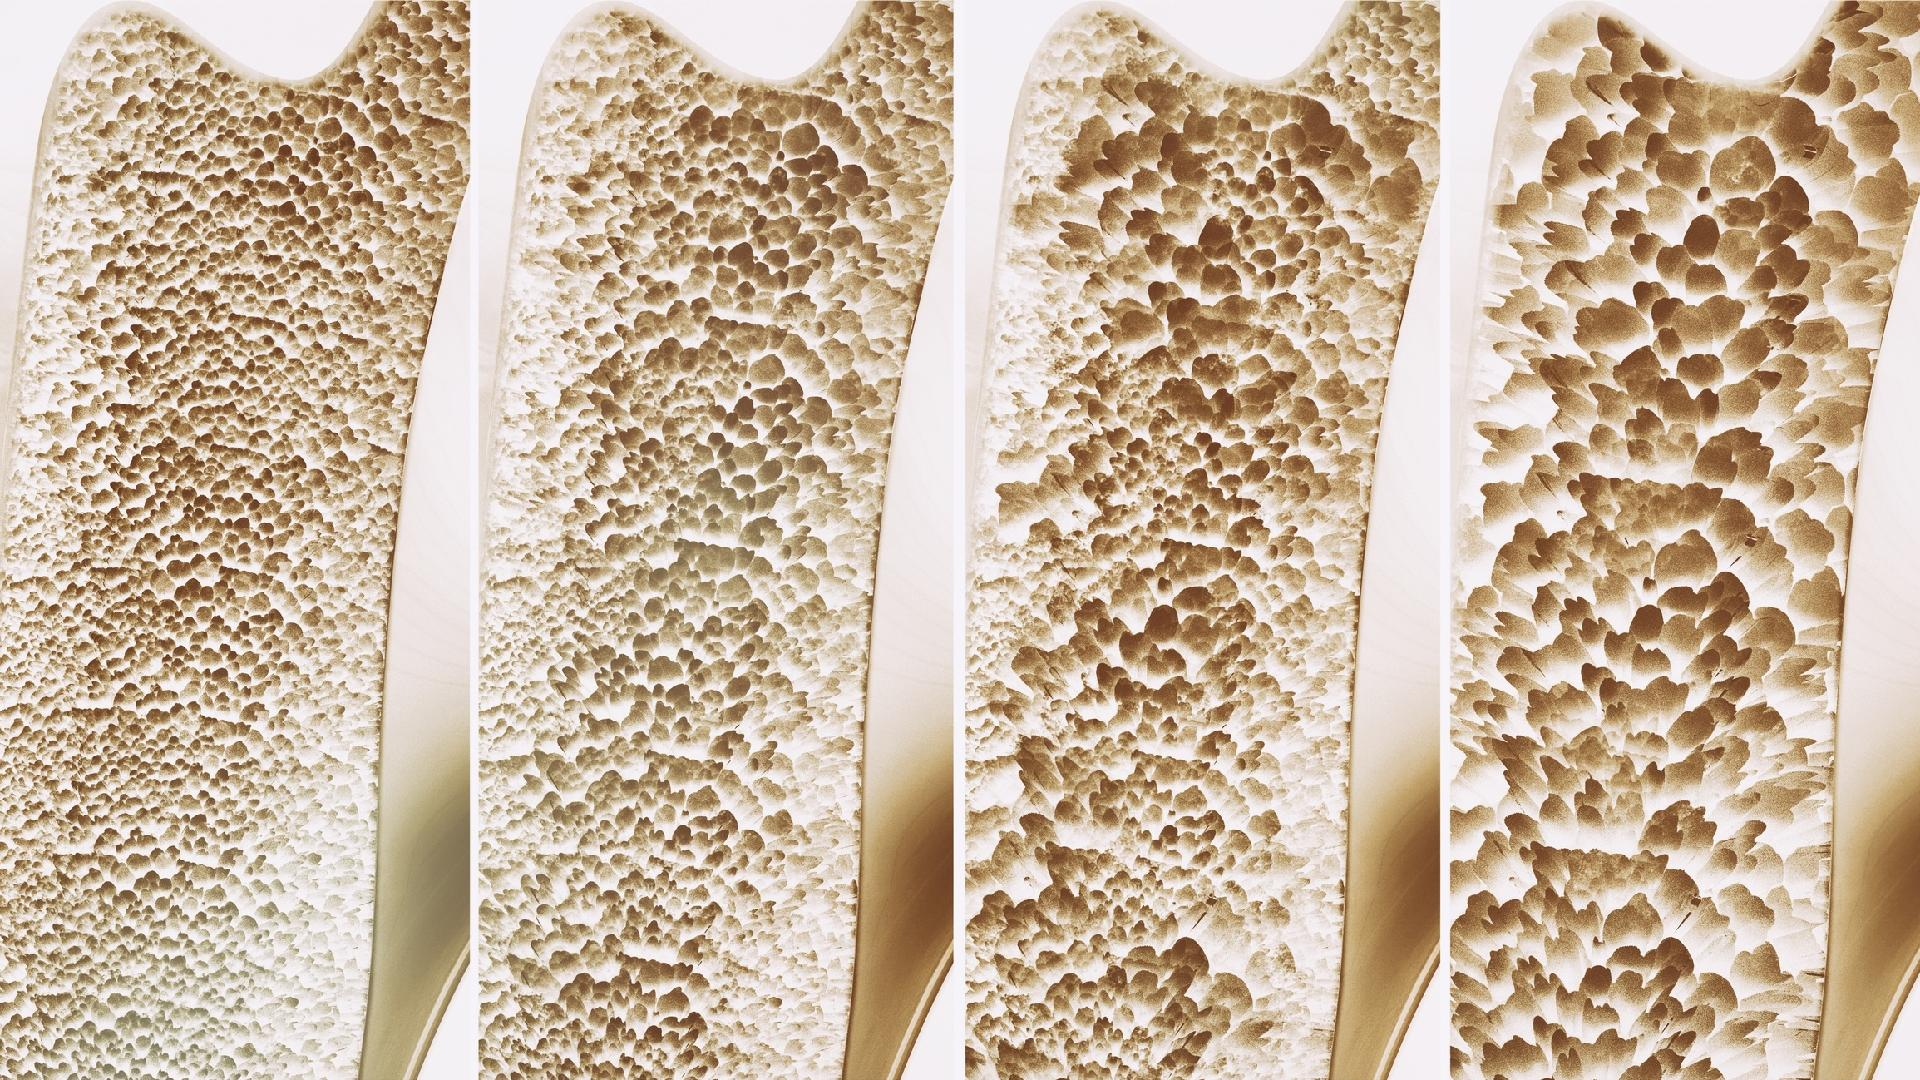 osteoporose, Osteoporose: saiba mais sobre a doença, Abreu Cardiologia